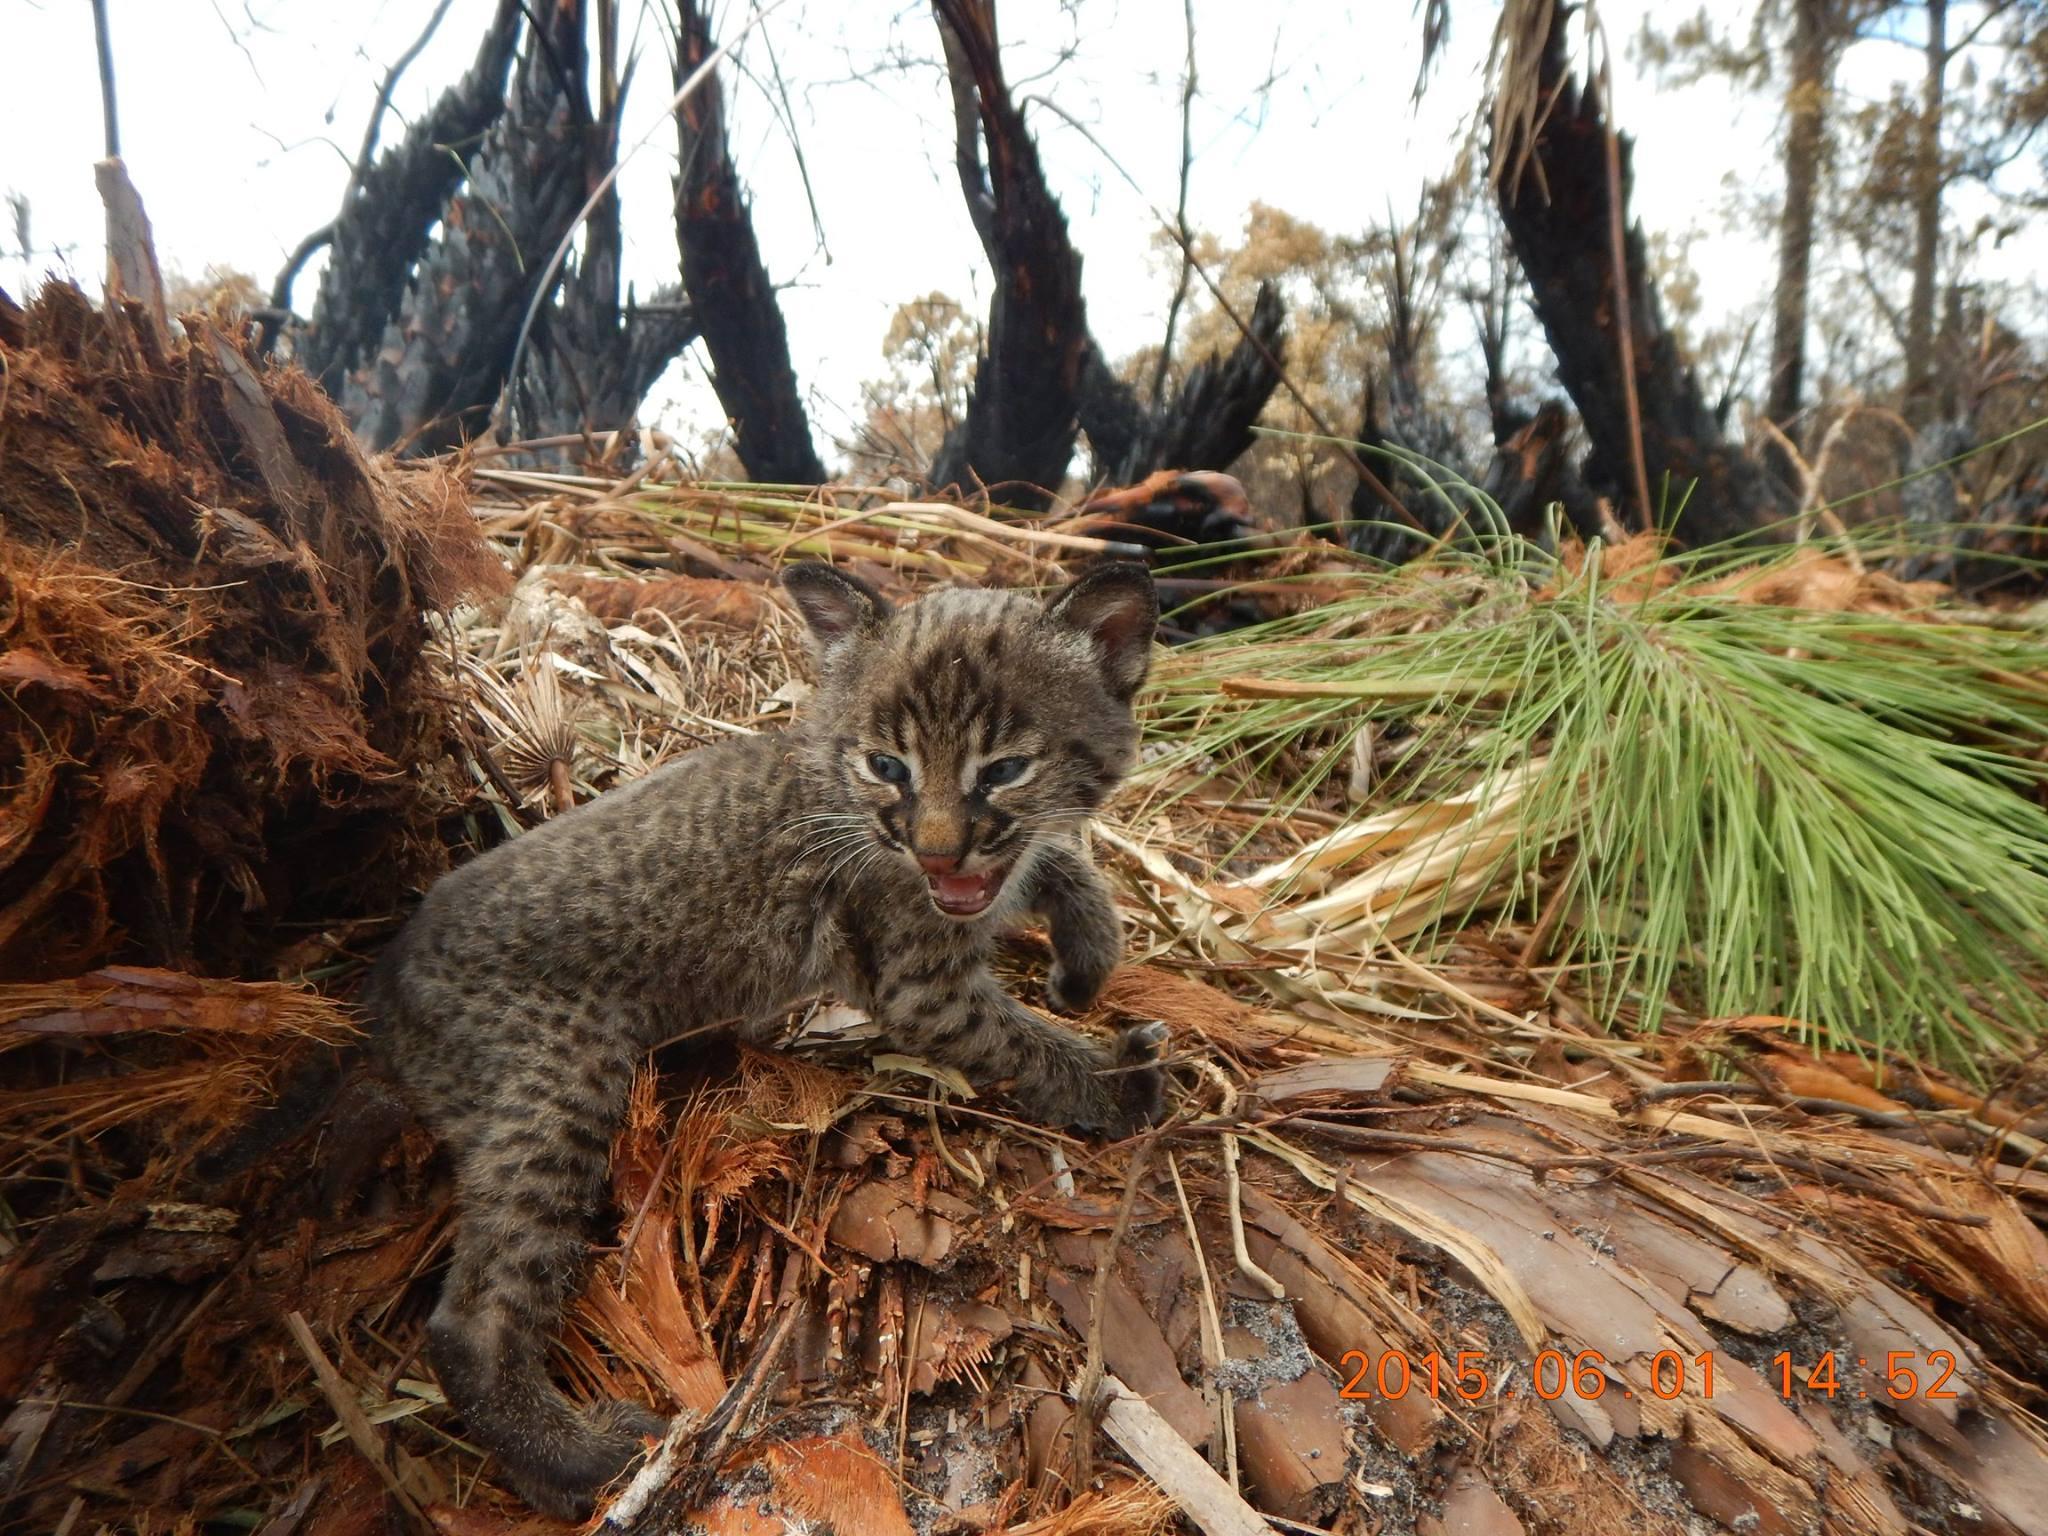 snarling_bobcat_kitten links